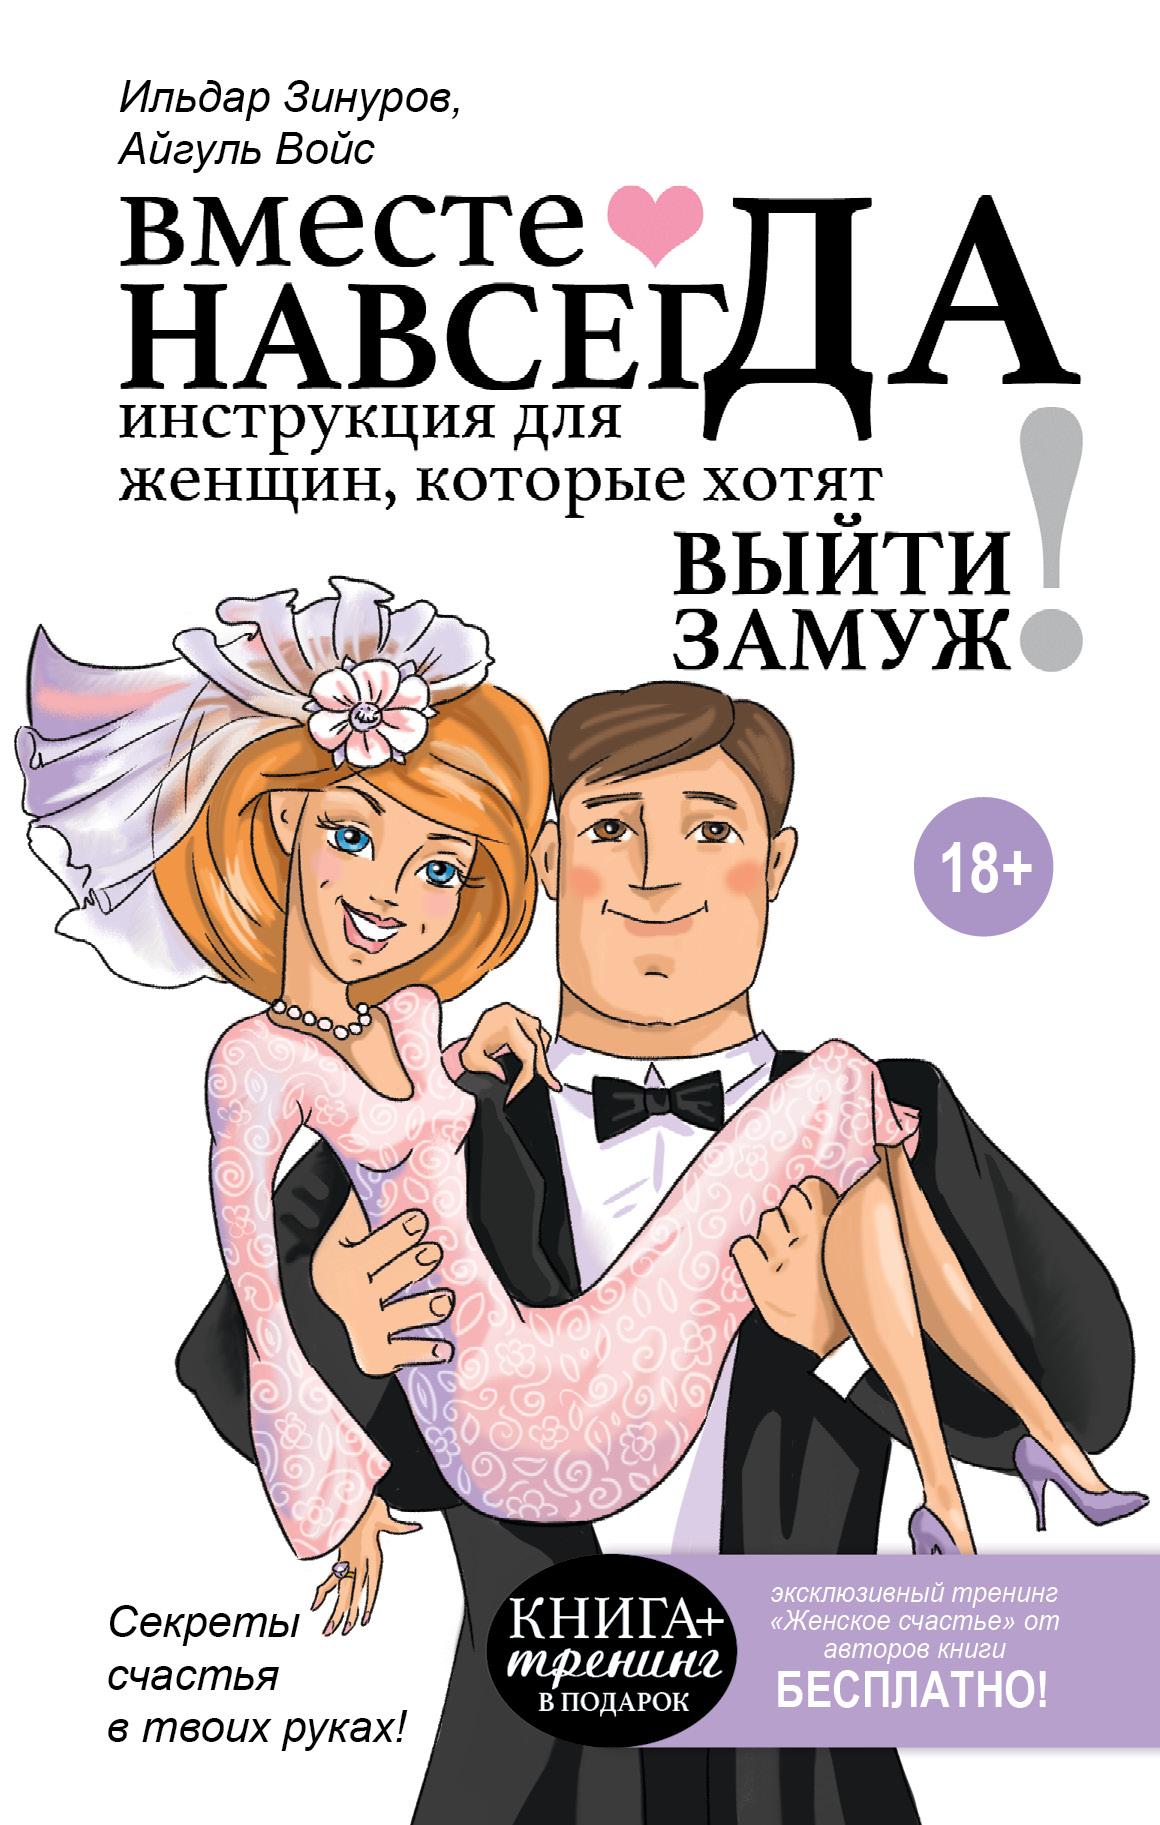 Вместе навсегда. Инструкция для женщин, которые хотят выйти замуж